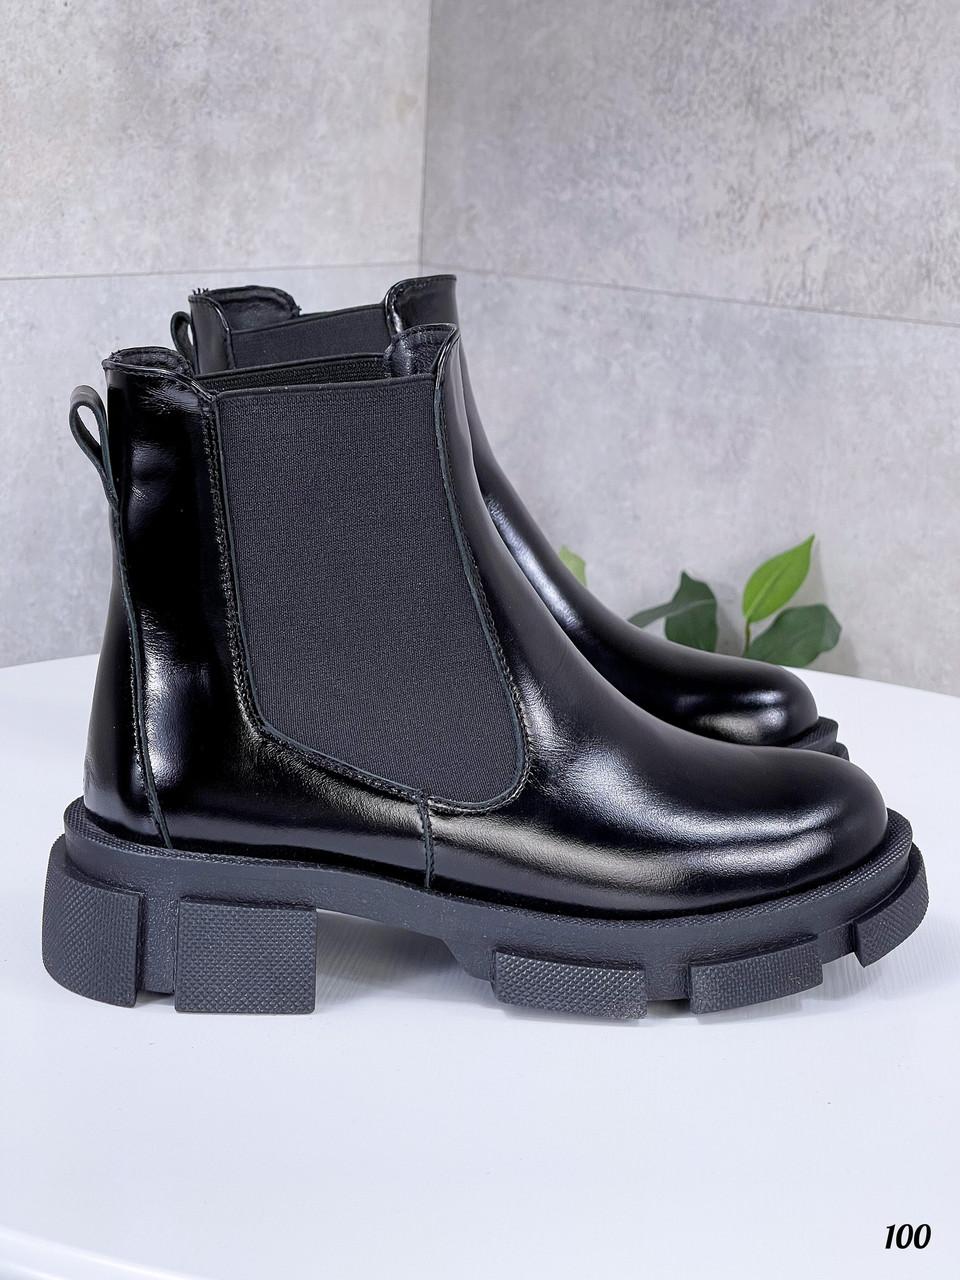 40 р. Ботинки женские деми черные лаковые на низком ходу низкий ход демисезонные из натурального лака